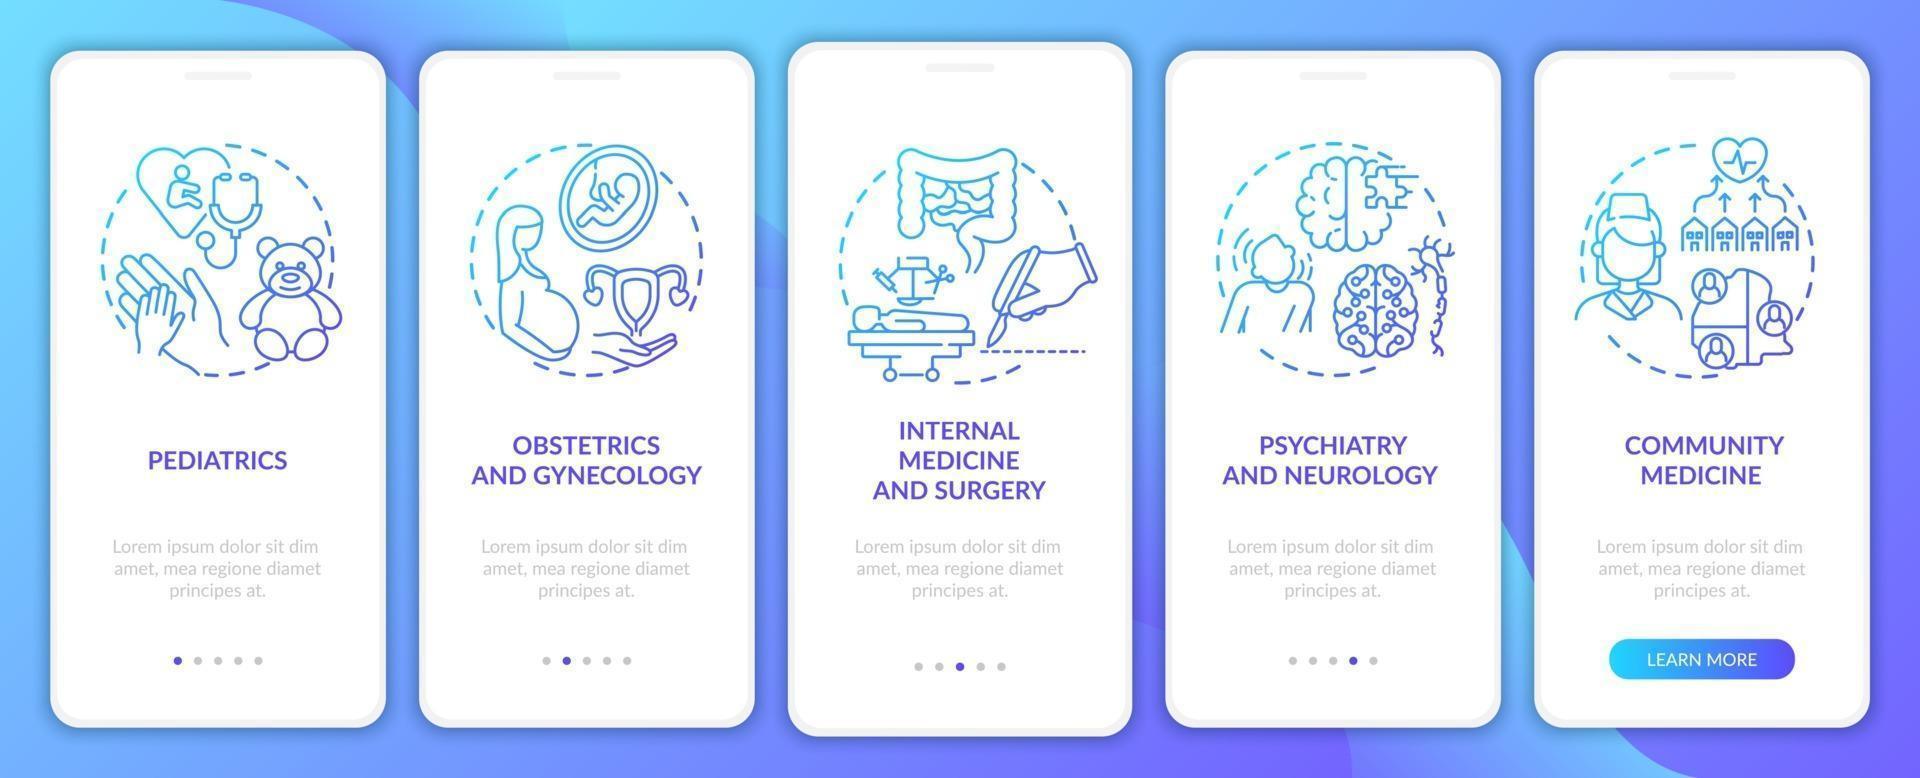 Composants de médecine familiale écran de la page de l'application mobile d'intégration de la marine avec des concepts vecteur